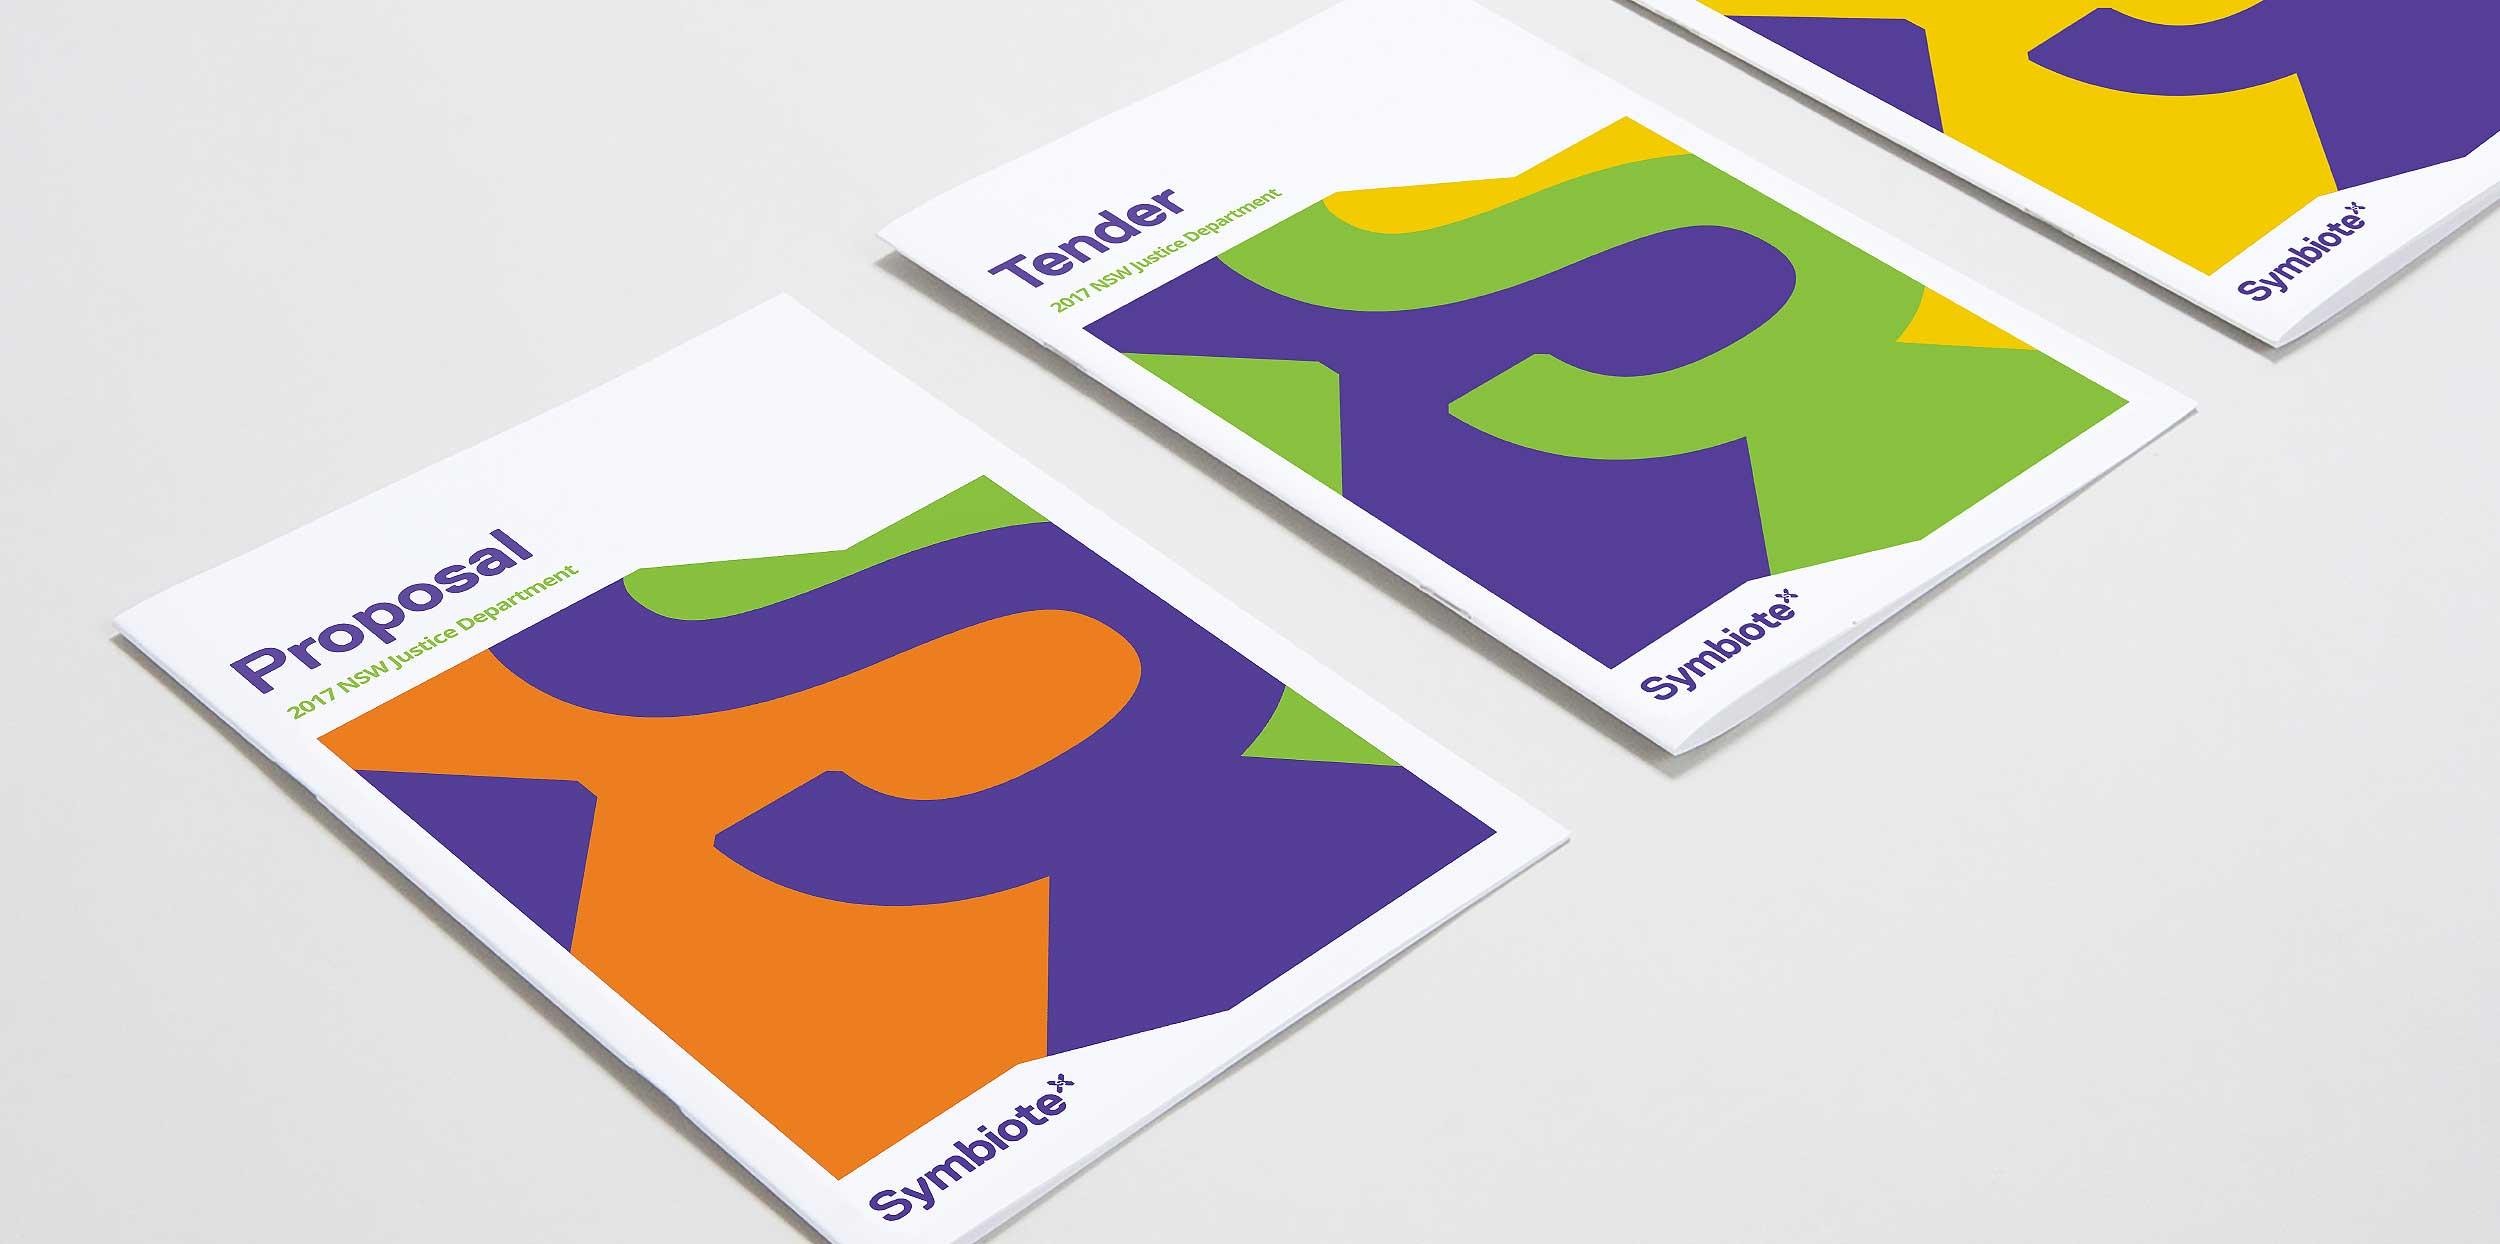 Handle-Sydney-Branding_Guidelines_Branding-Symbiote_10.jpg